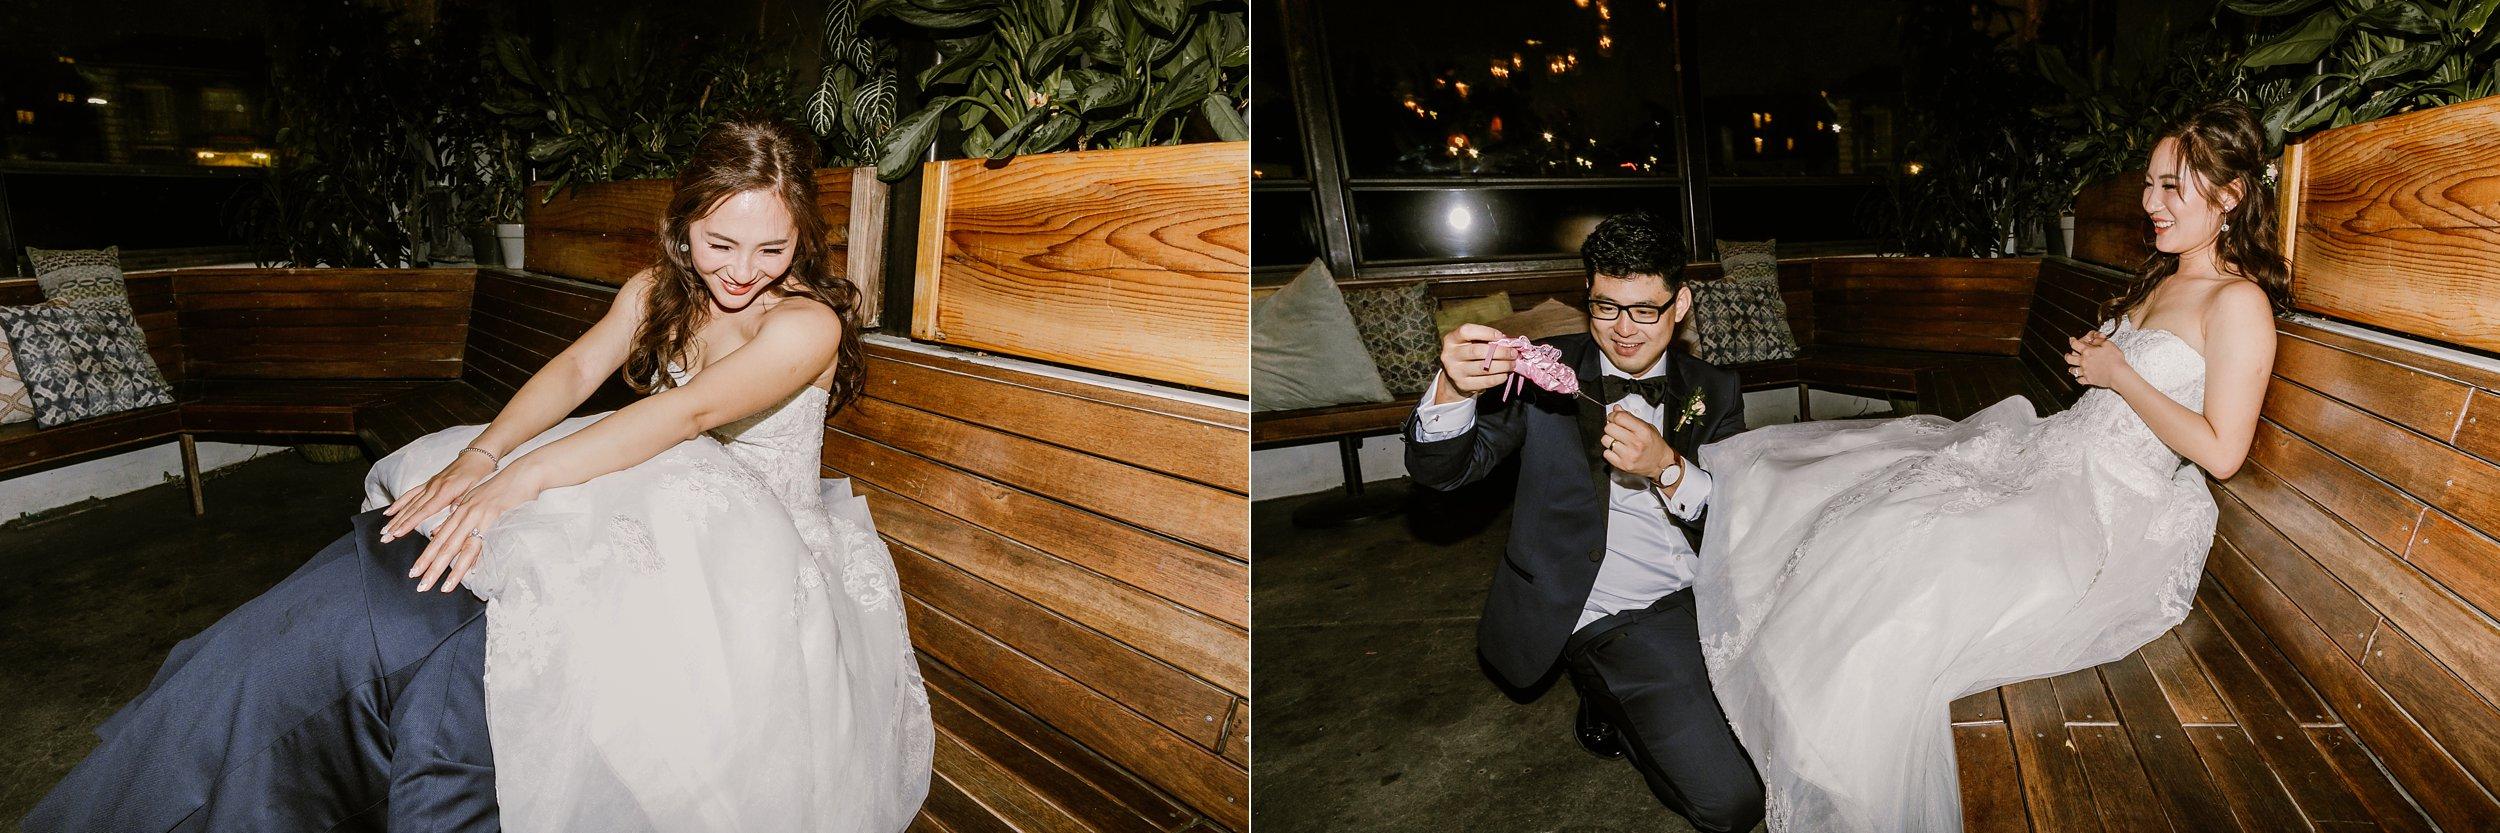 Madera Kitchen Los Angeles Wedding_0072.jpg